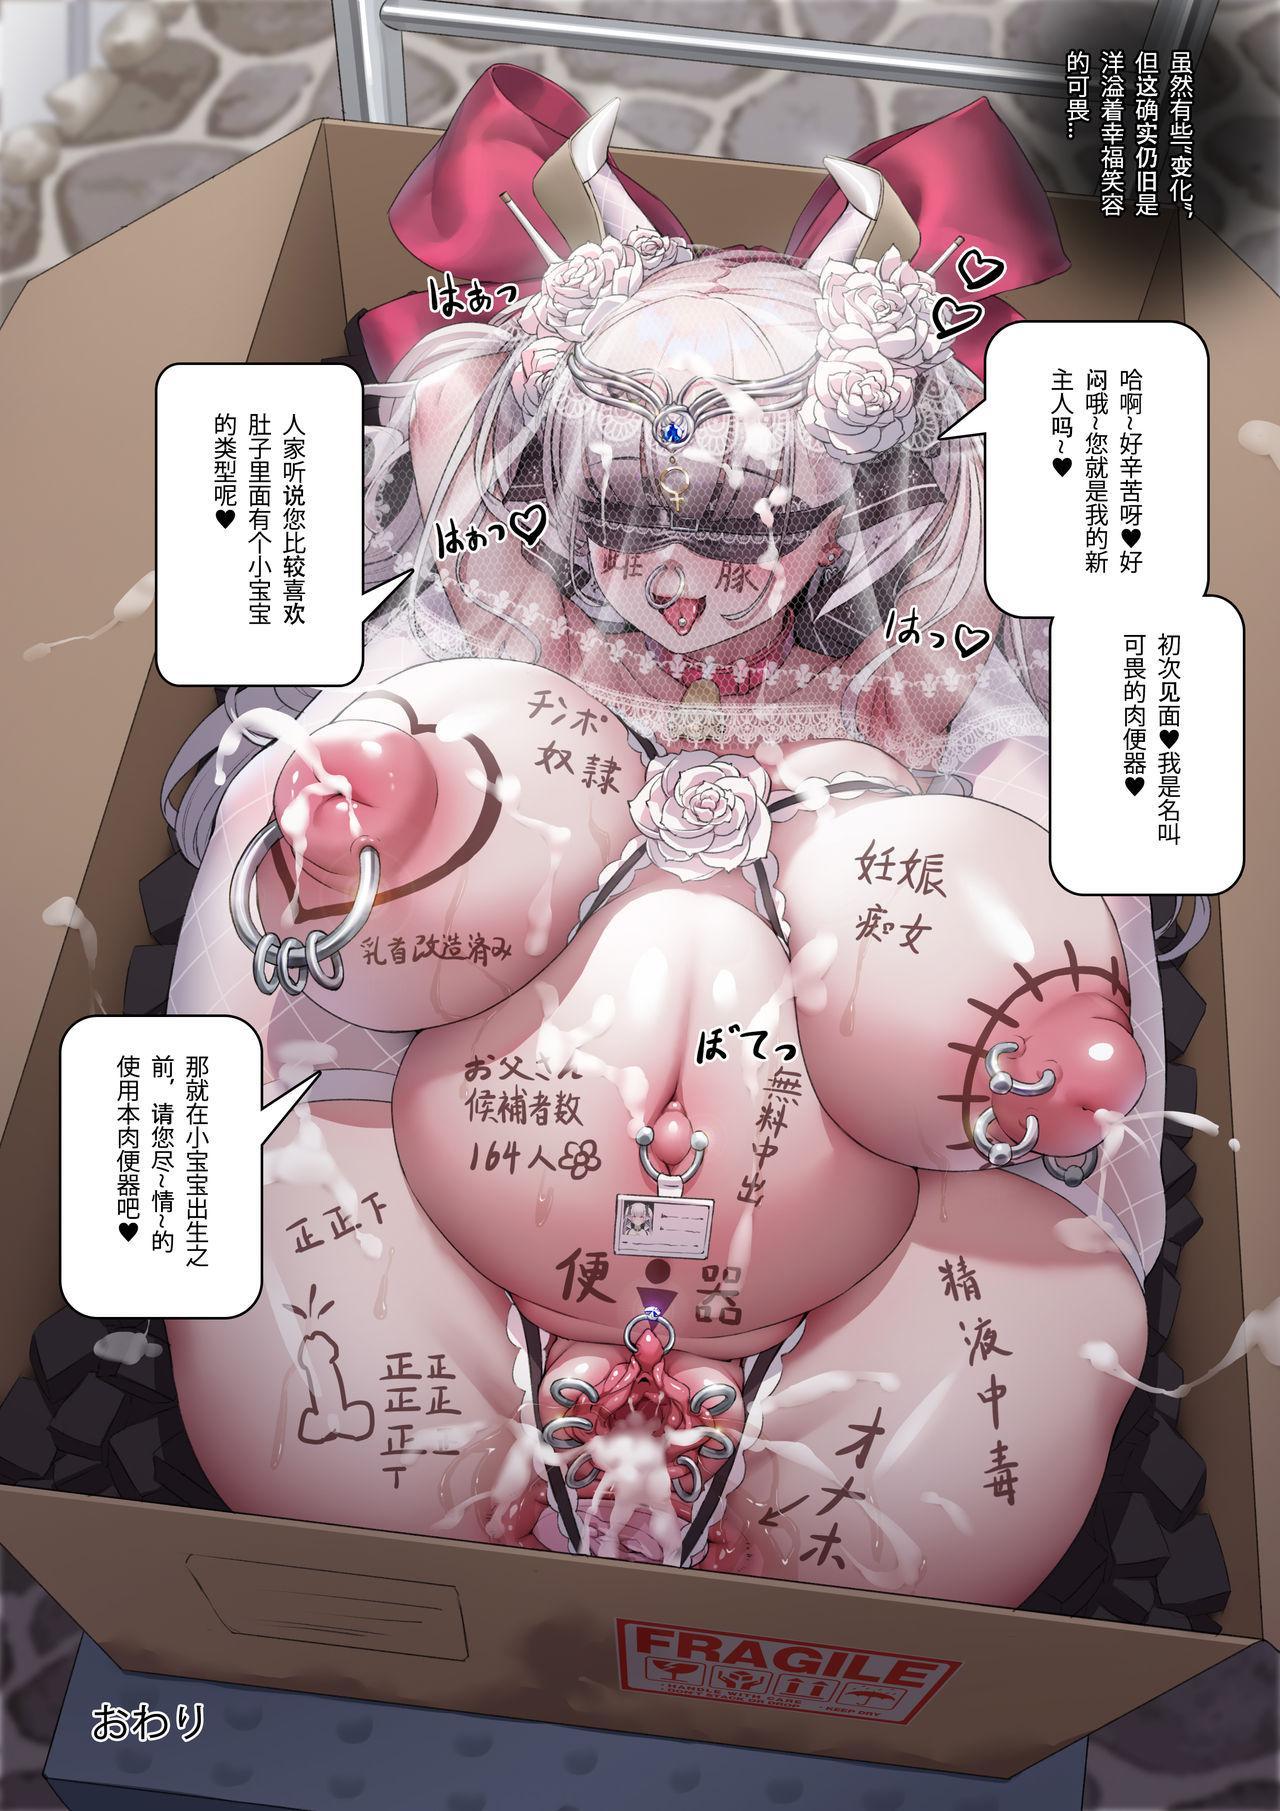 Nikuyoku ni Oboreta Hentai Do-M Nikubenki 27